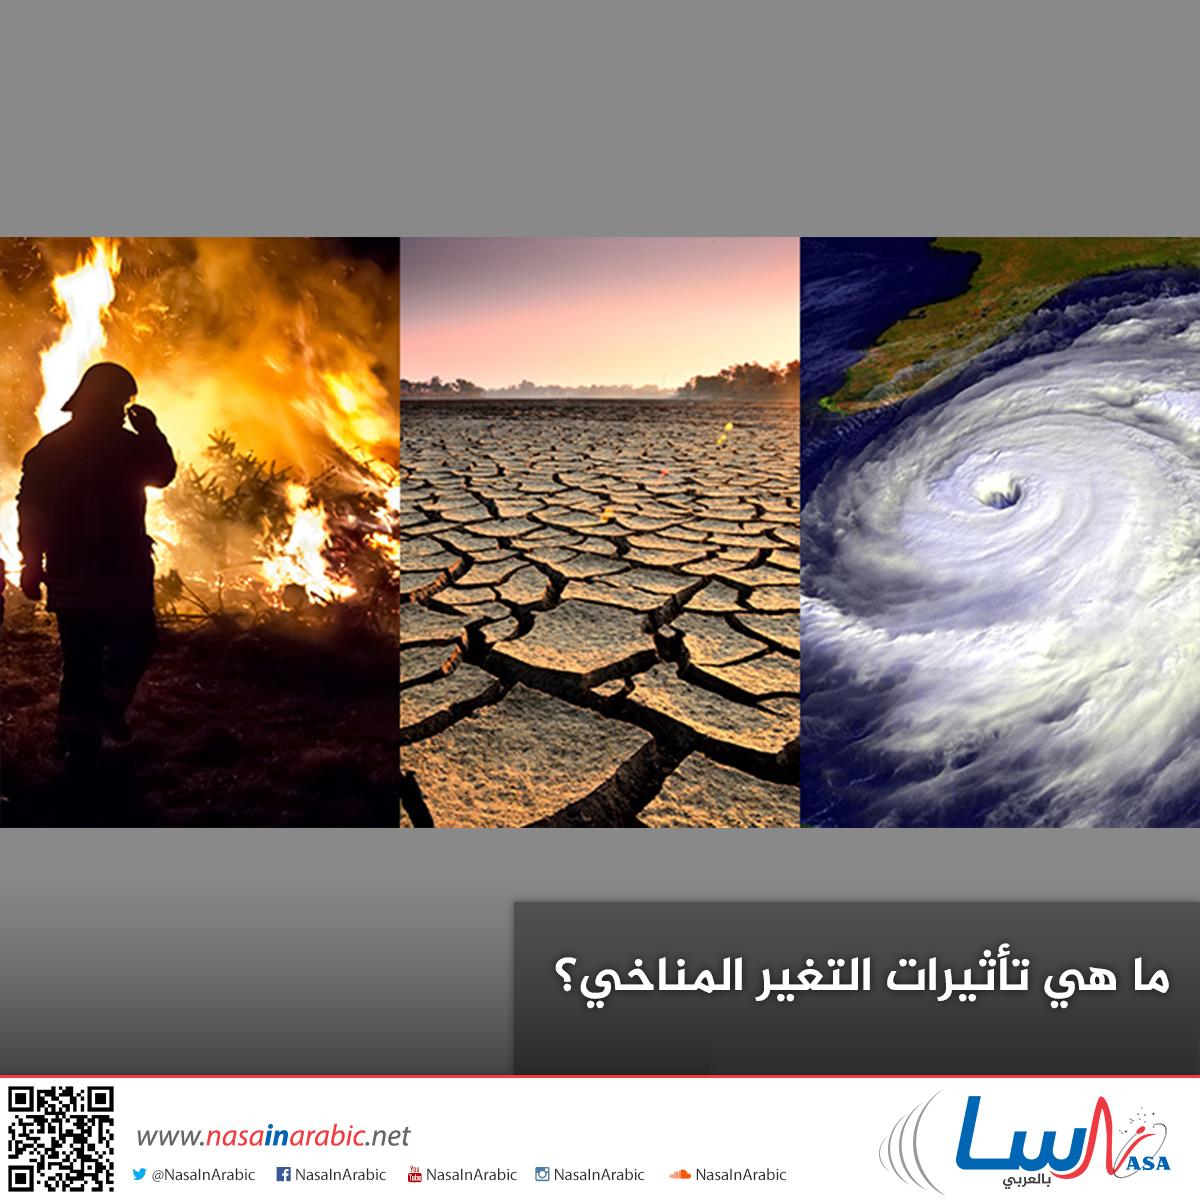 ما هي تأثيرات التغير المناخي؟